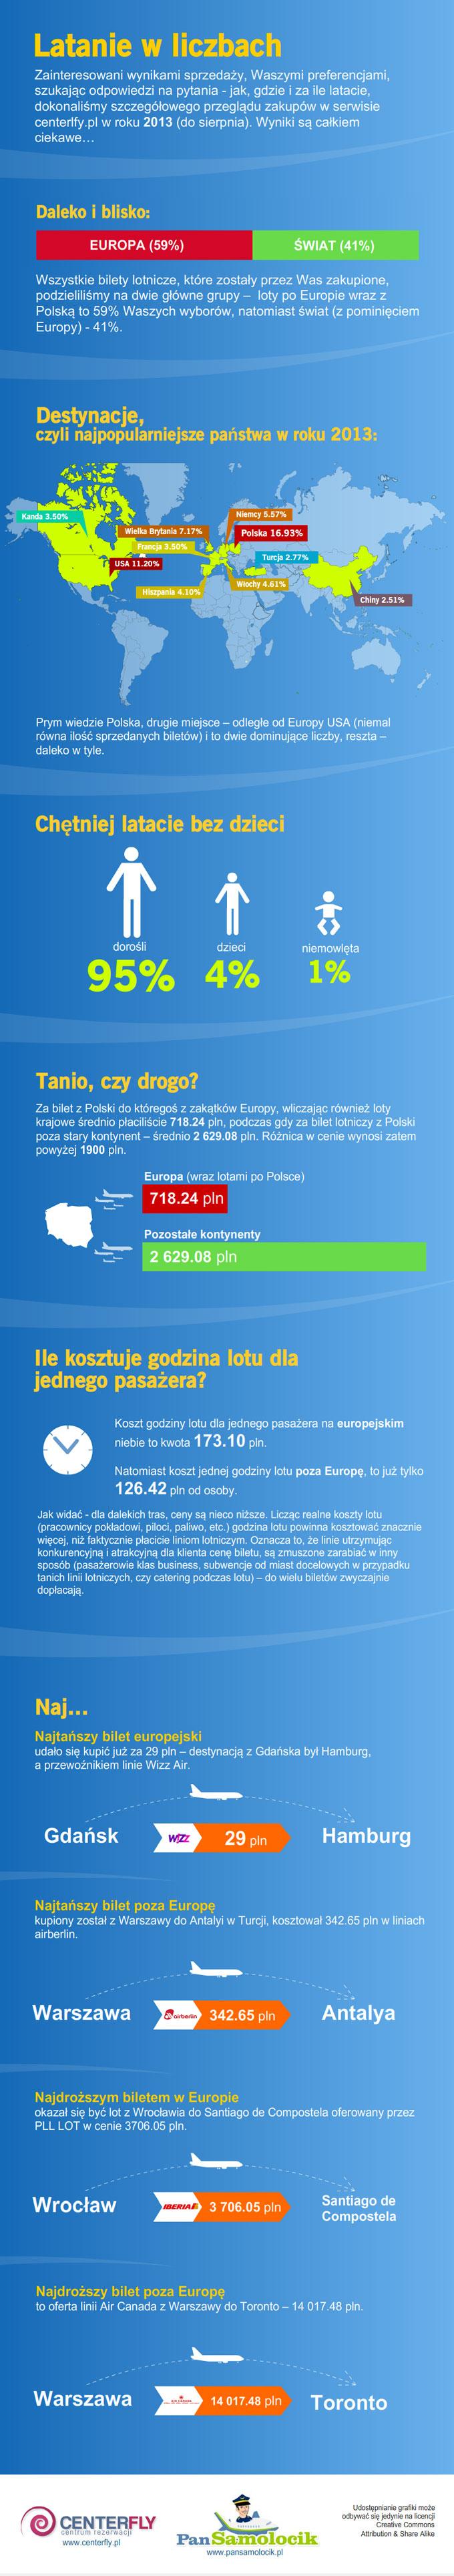 Infografika latanie w liczbach